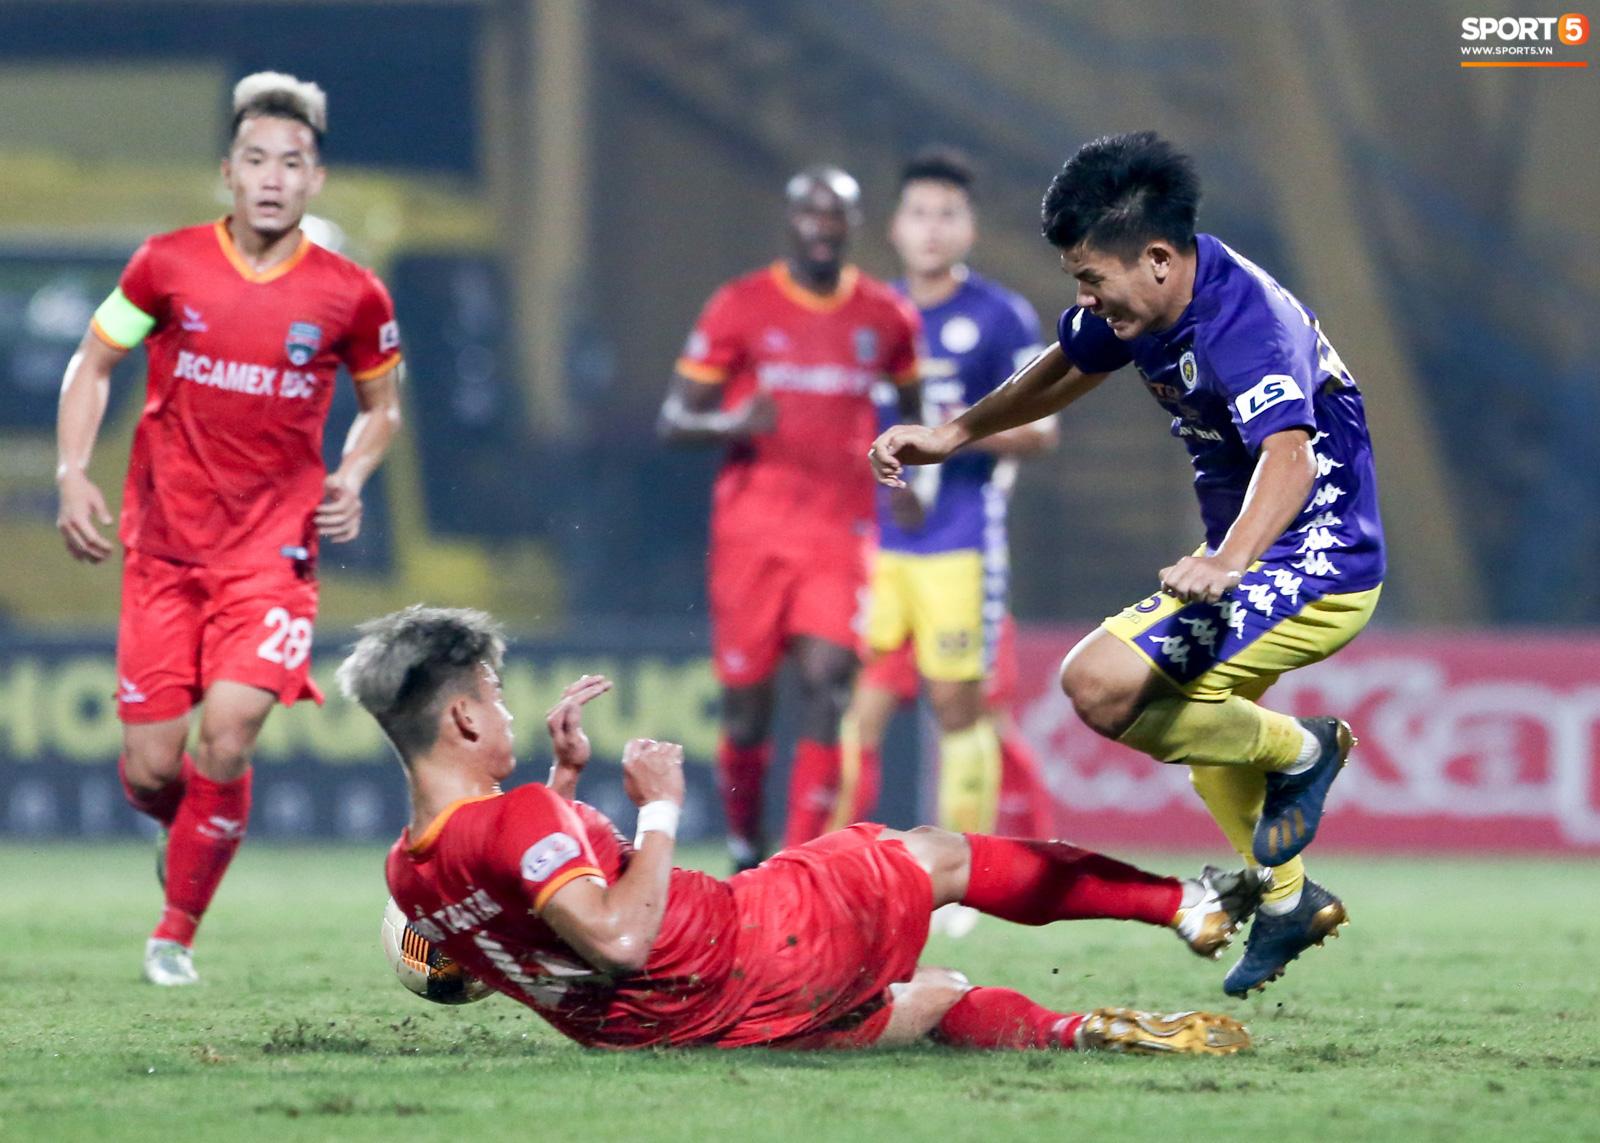 Quang Hải đòi trọng tài rút thẻ phạt cho bạn cũ ở U23 Việt Nam sau pha phạm lỗi nguy hiểm - Ảnh 1.